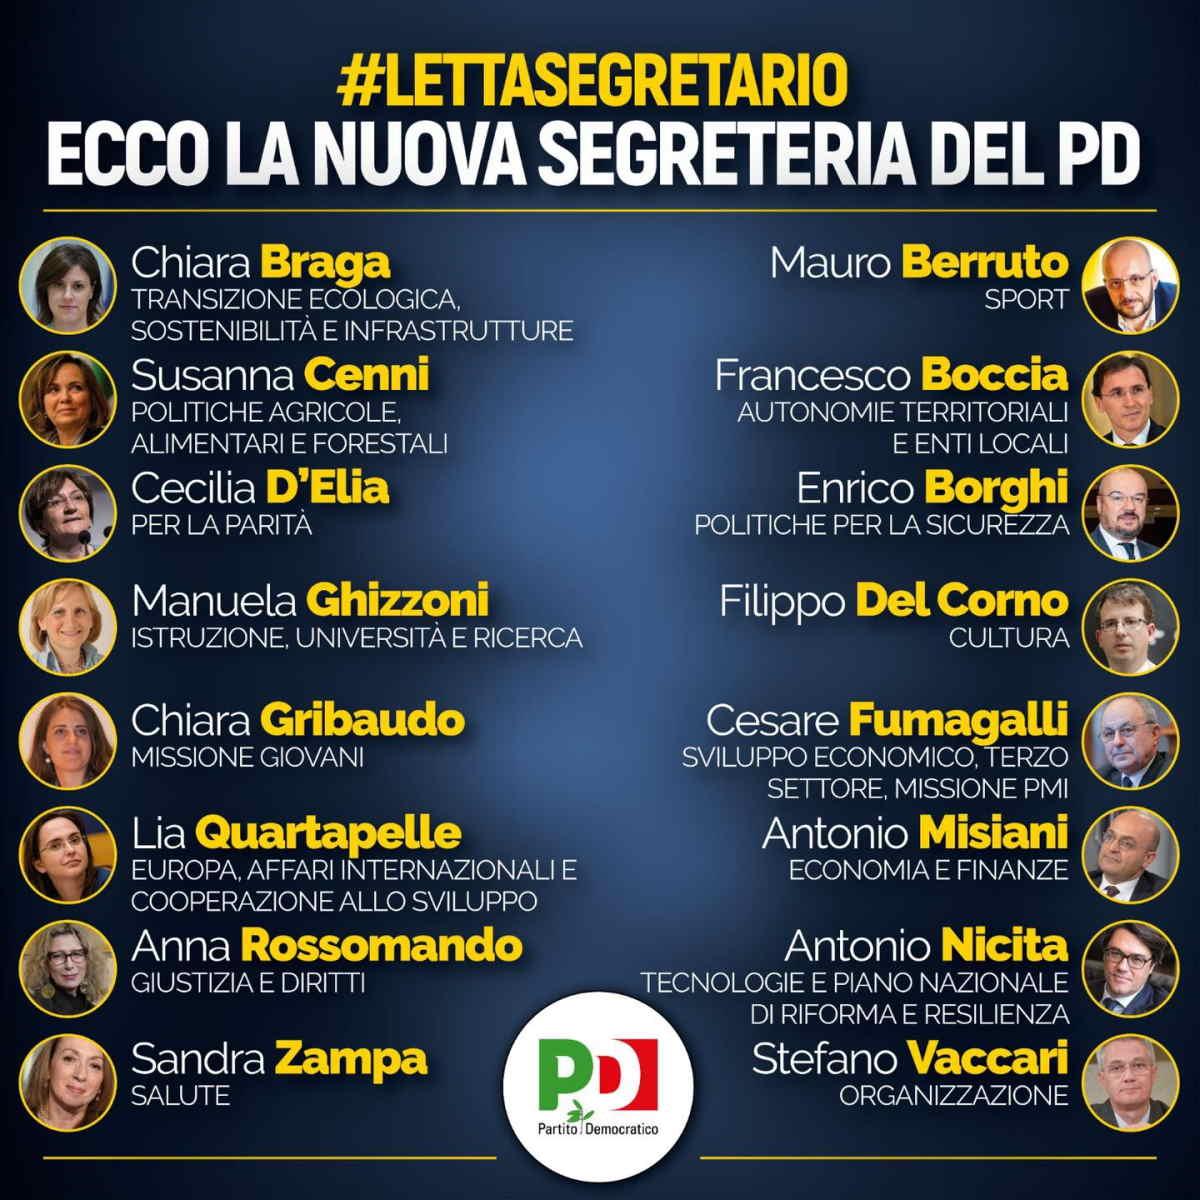 I nomi dei sedici componenti della nuova segreteria PD scelti da Enrico Letta